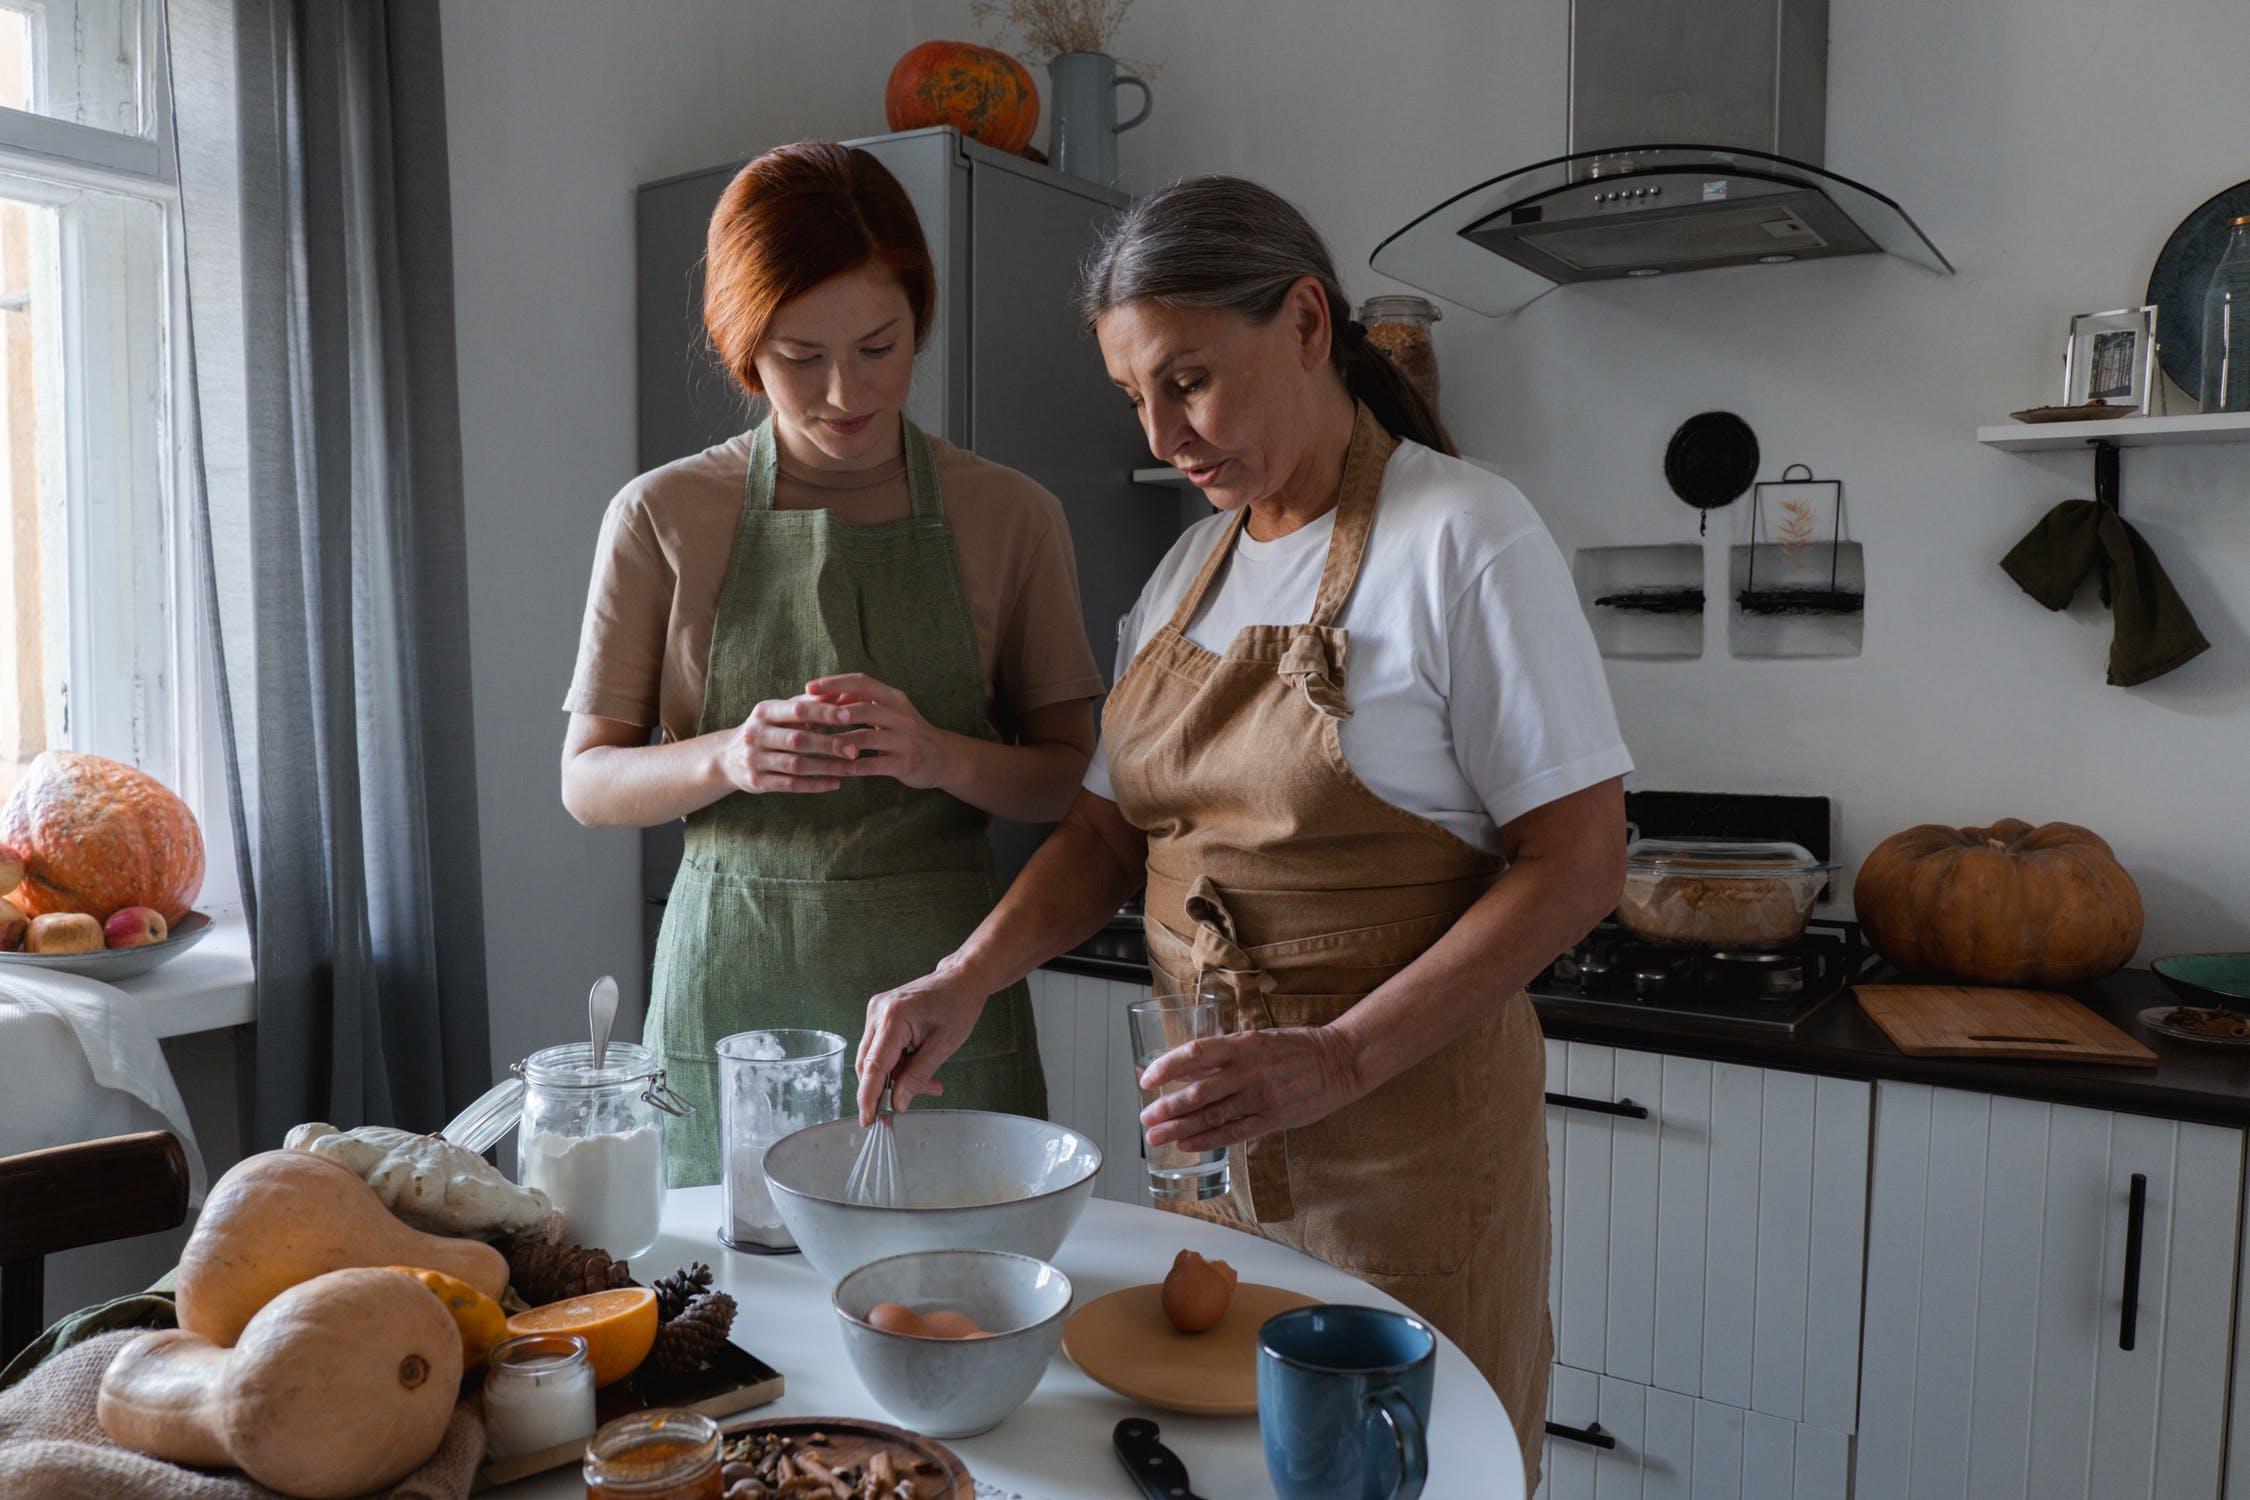 kitchen, yescomusa